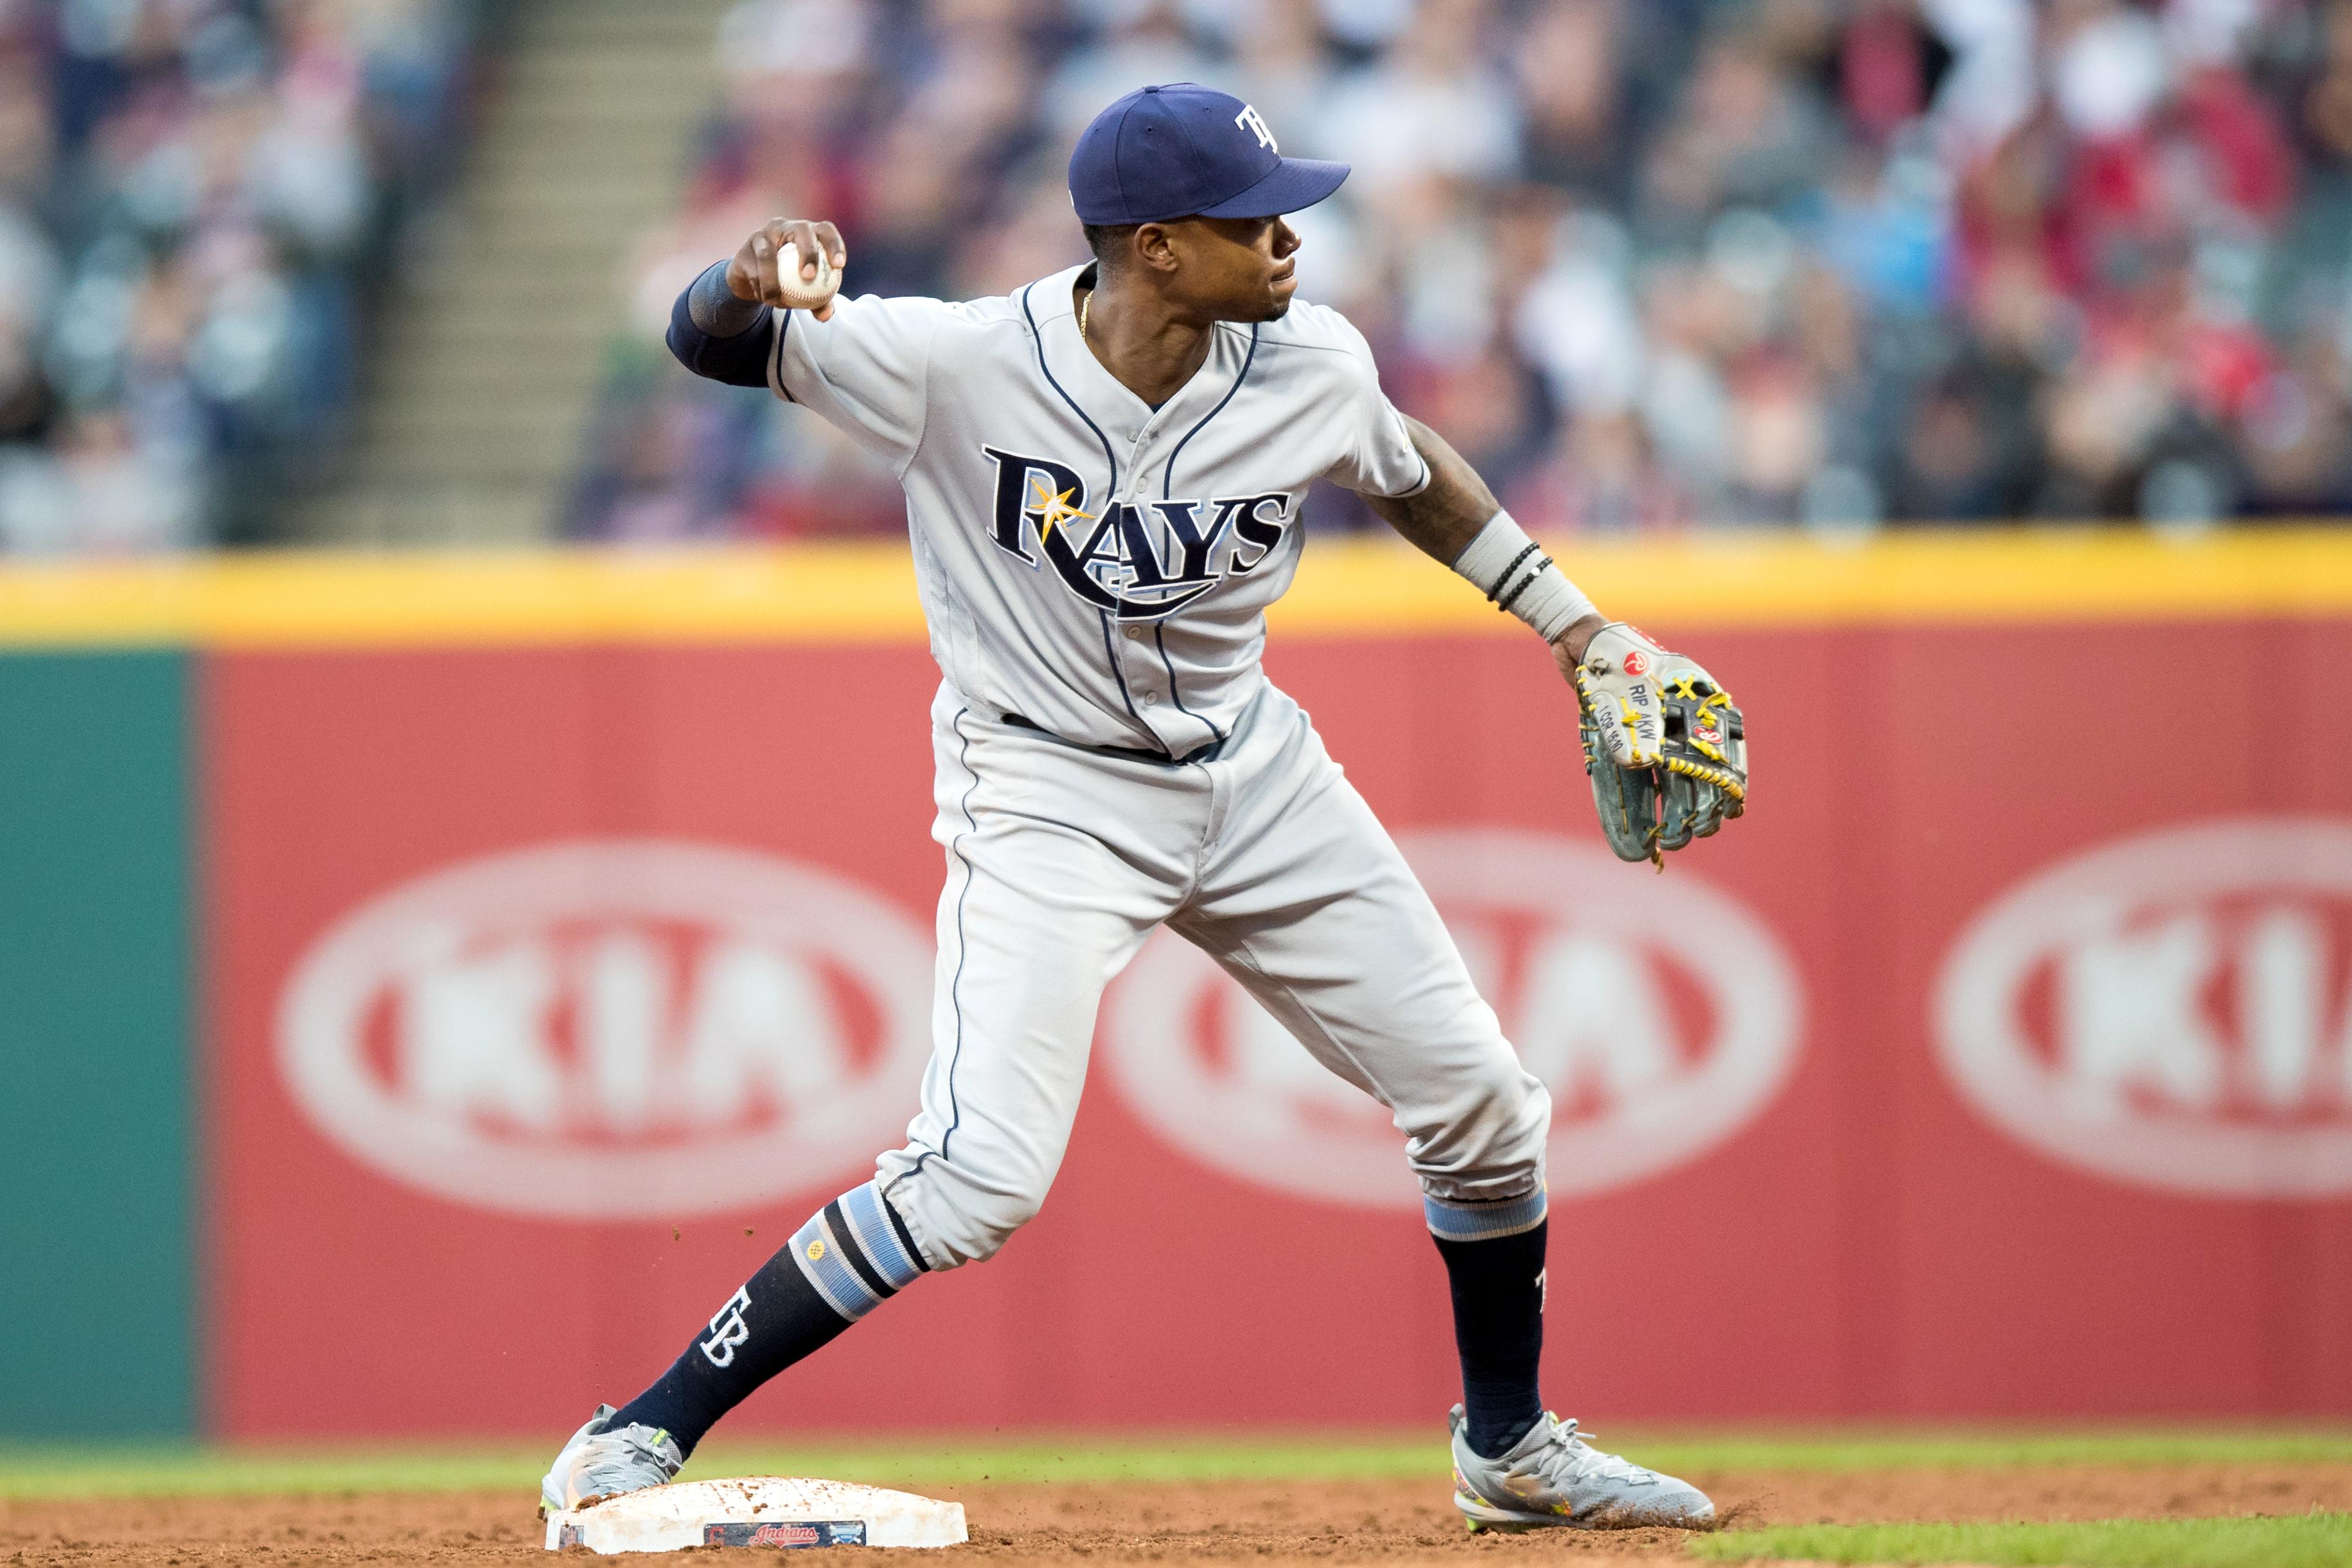 MLB: MAY 15 Rays at Indians